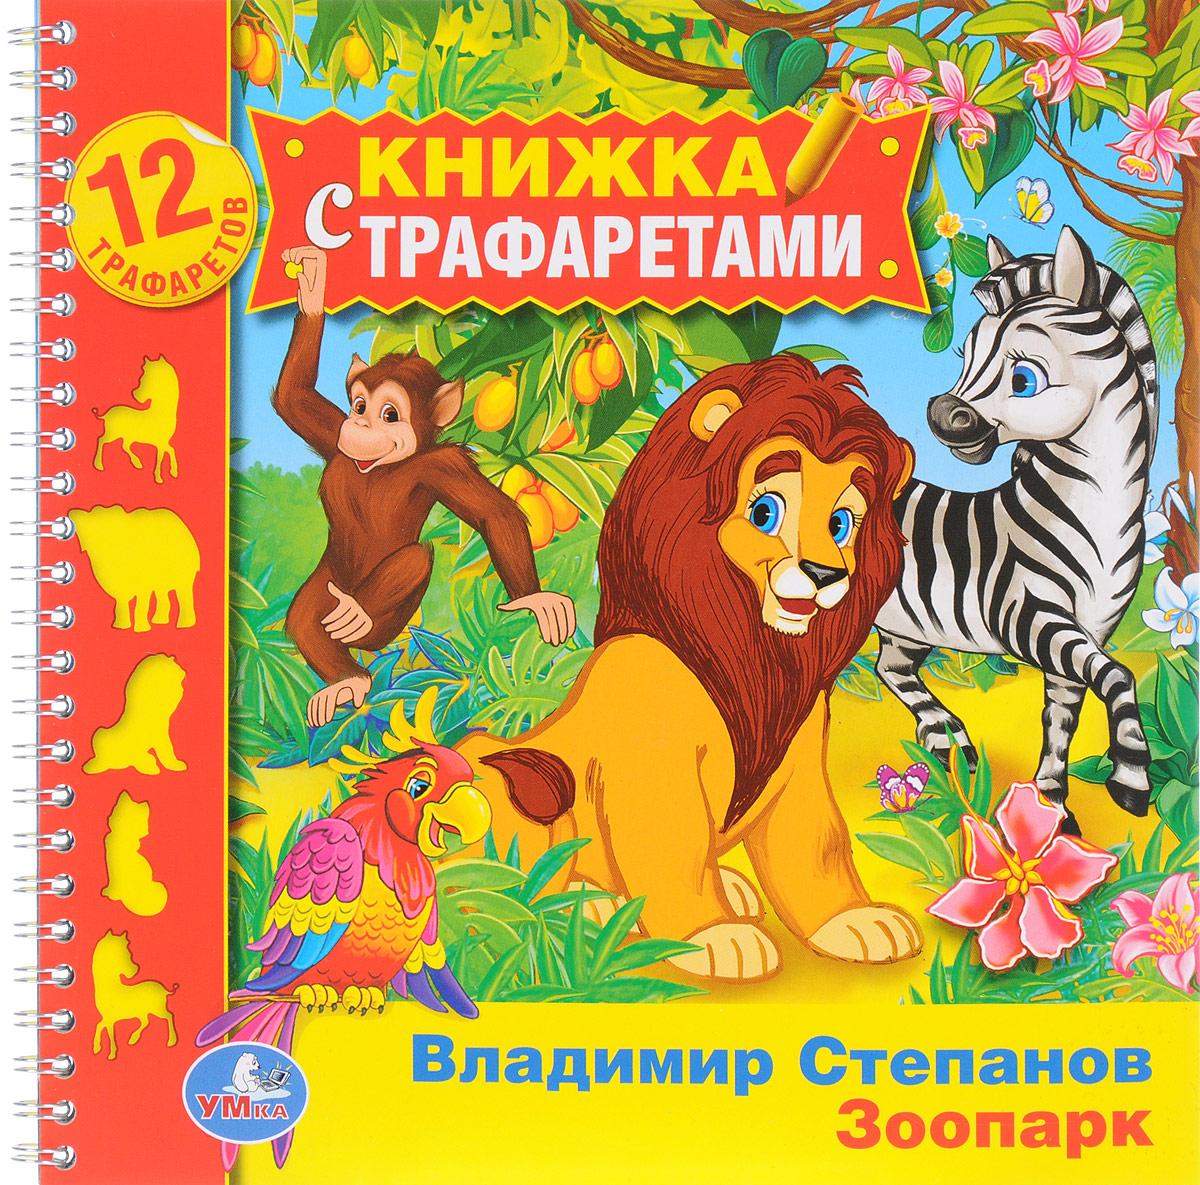 Владимир Степанов Зоопарк (+ трафареты)